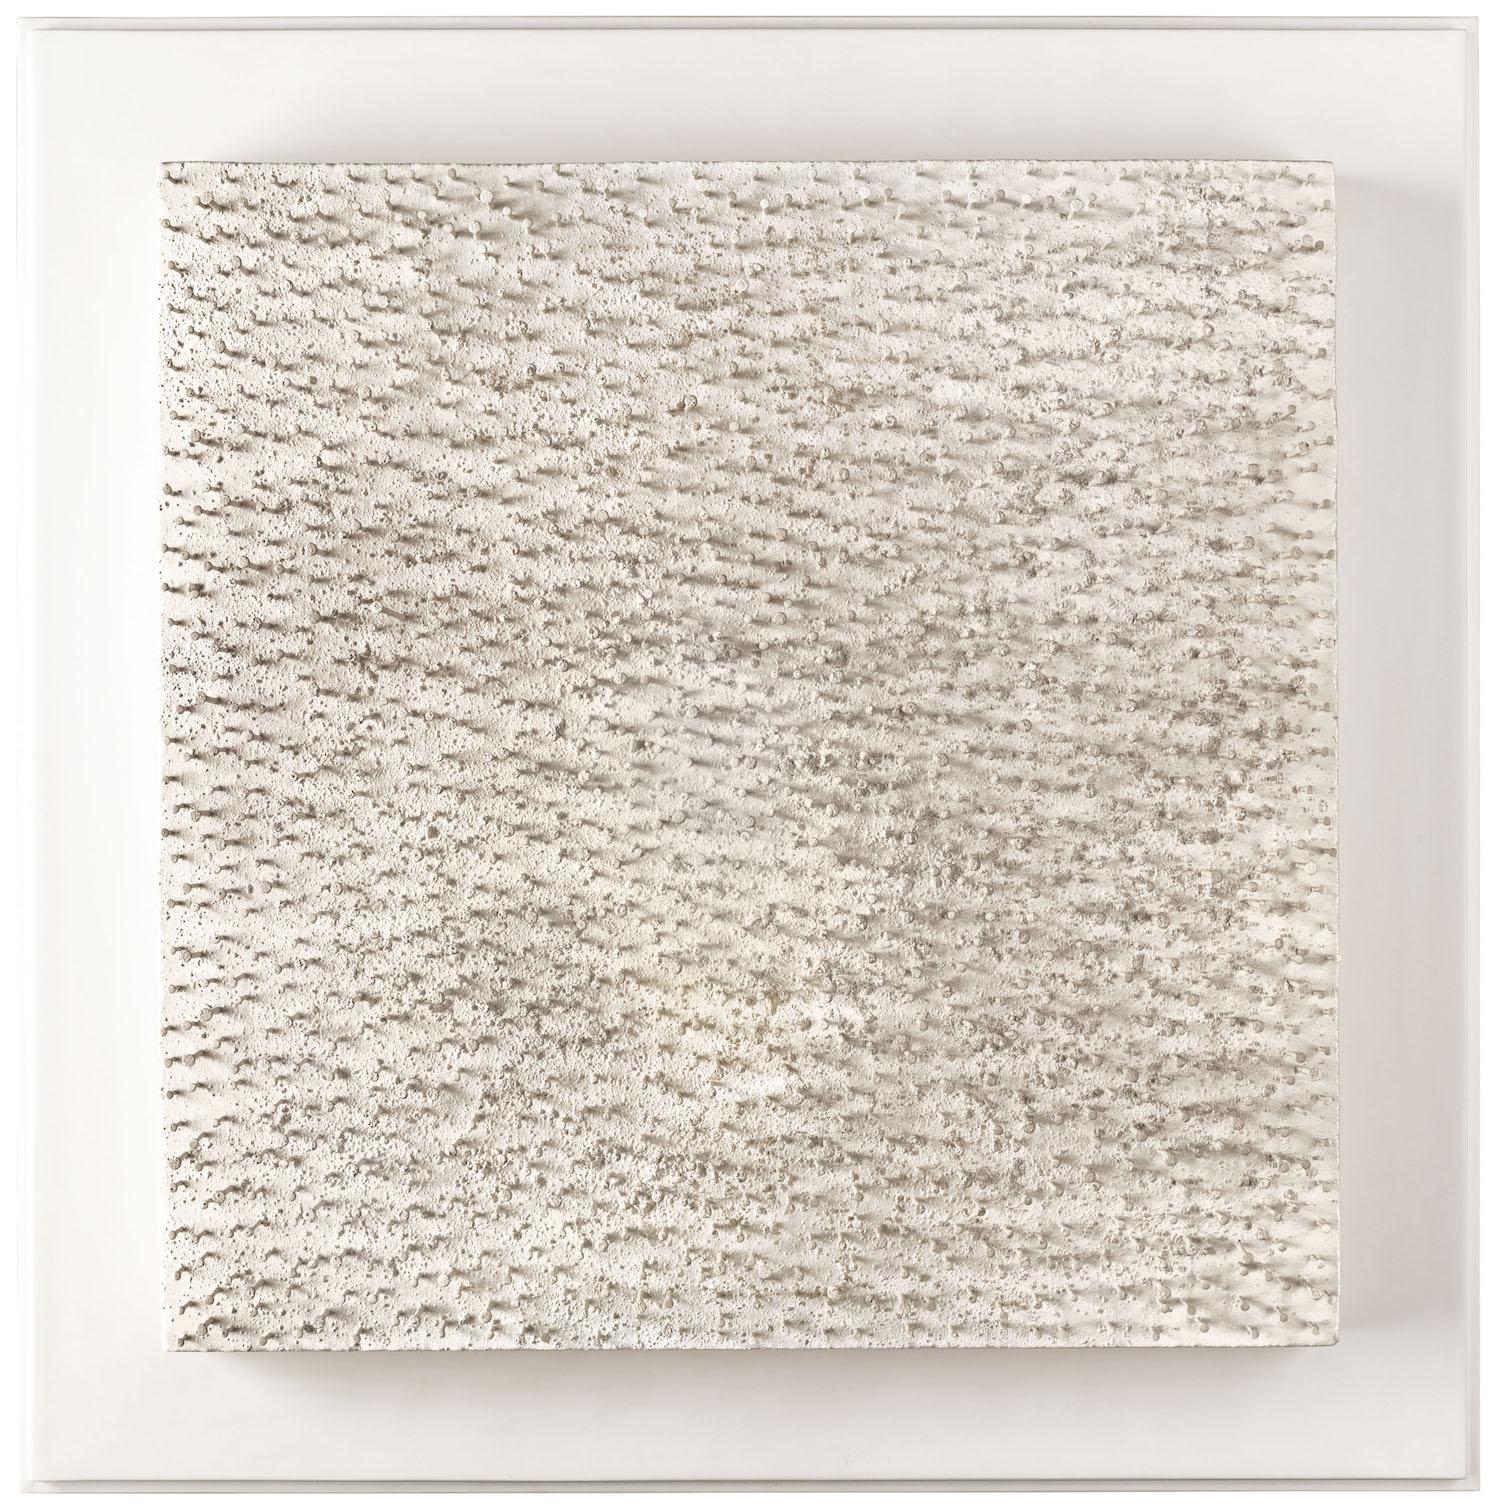 Günther Uecker Untitled, 1971 Nägel und Acryl auf Leinwand montiert auf Holz 40 x 40 cm | 15 3/4 x 15 3/4 in GU/O 15